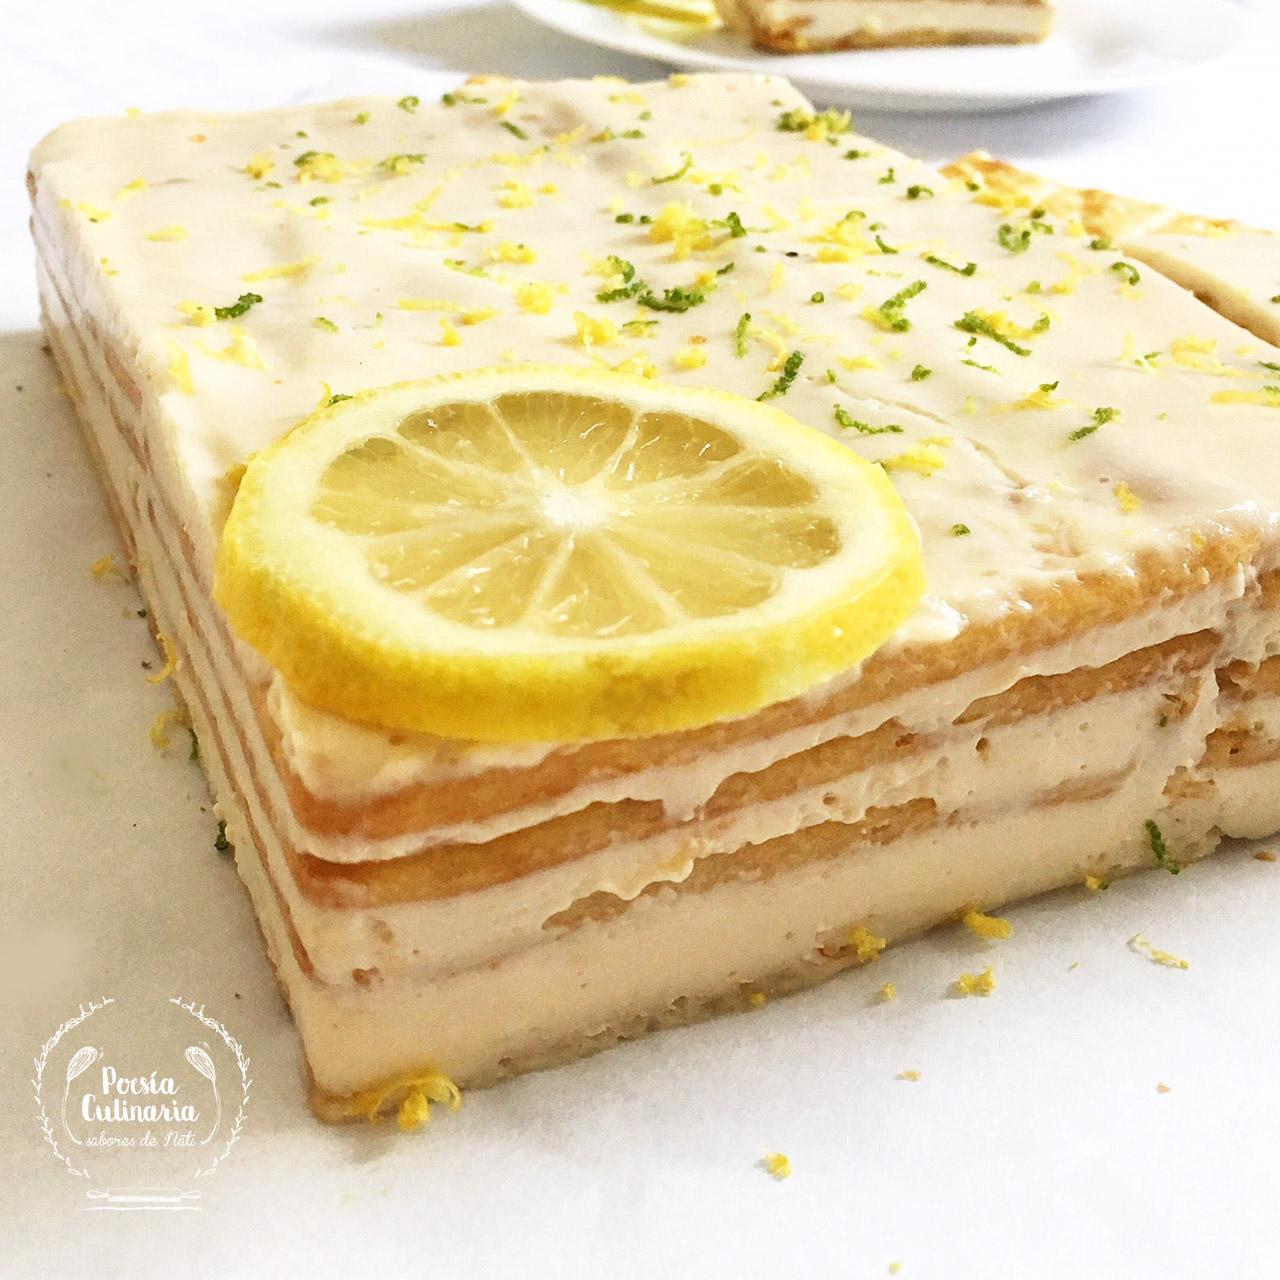 Poesía Culinaria Sabores De Nati Postre De Limón Y Galletas Un Clásico De Casa